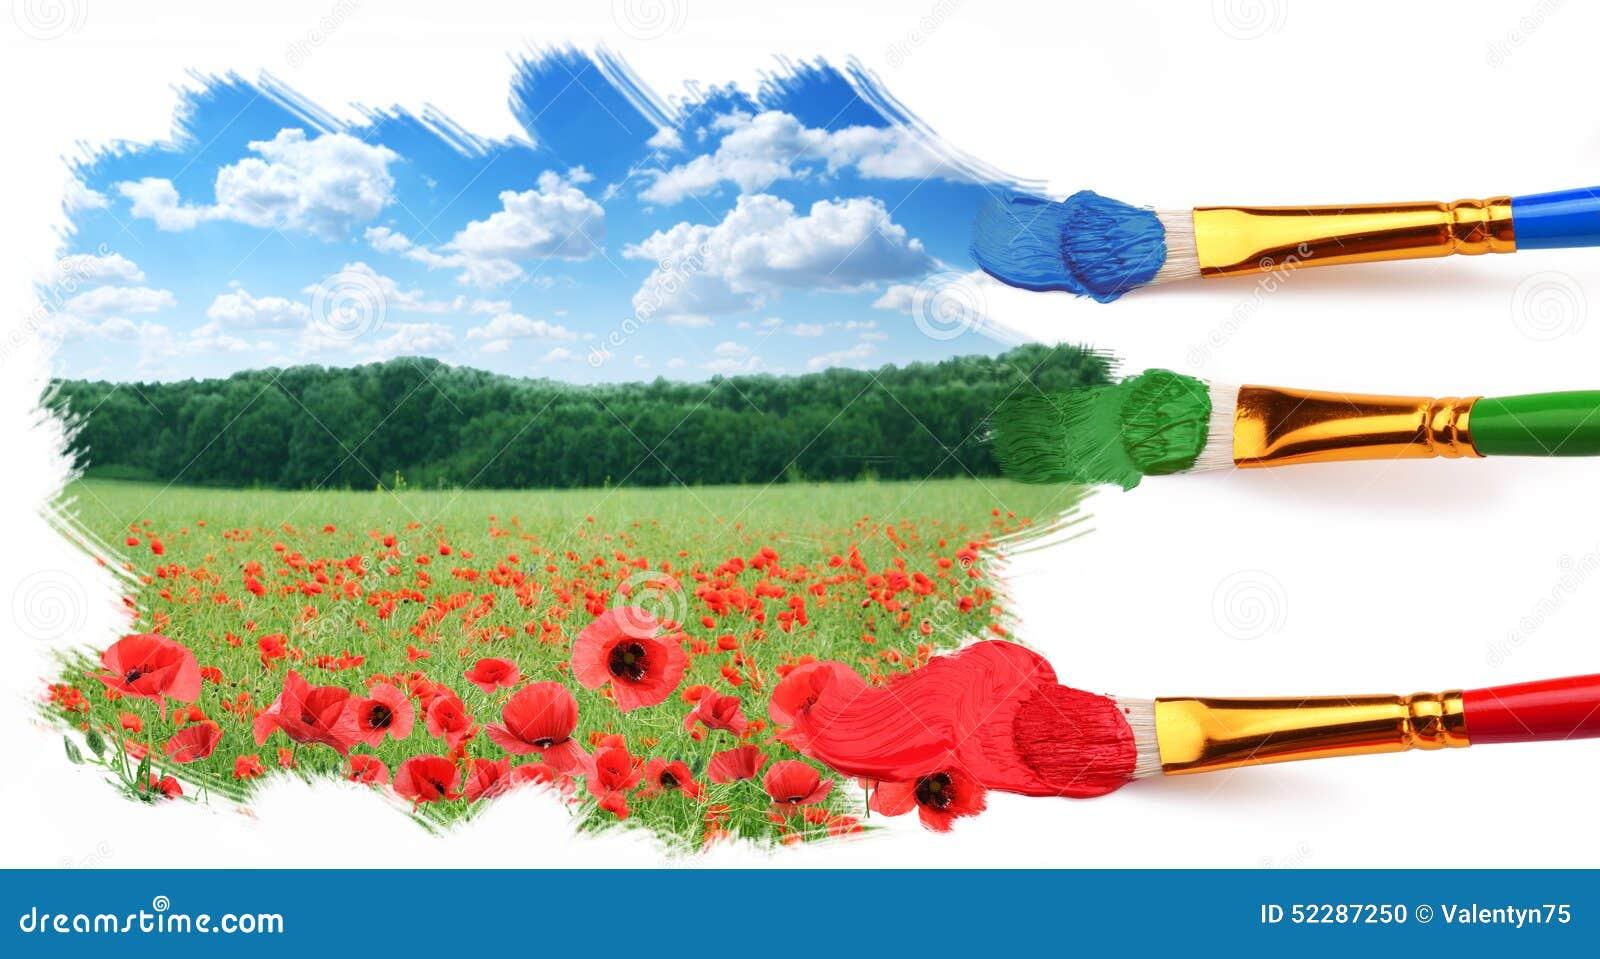 Drei Pinsel Malen Eine Schöne Landschaft Stockfoto Bild Von